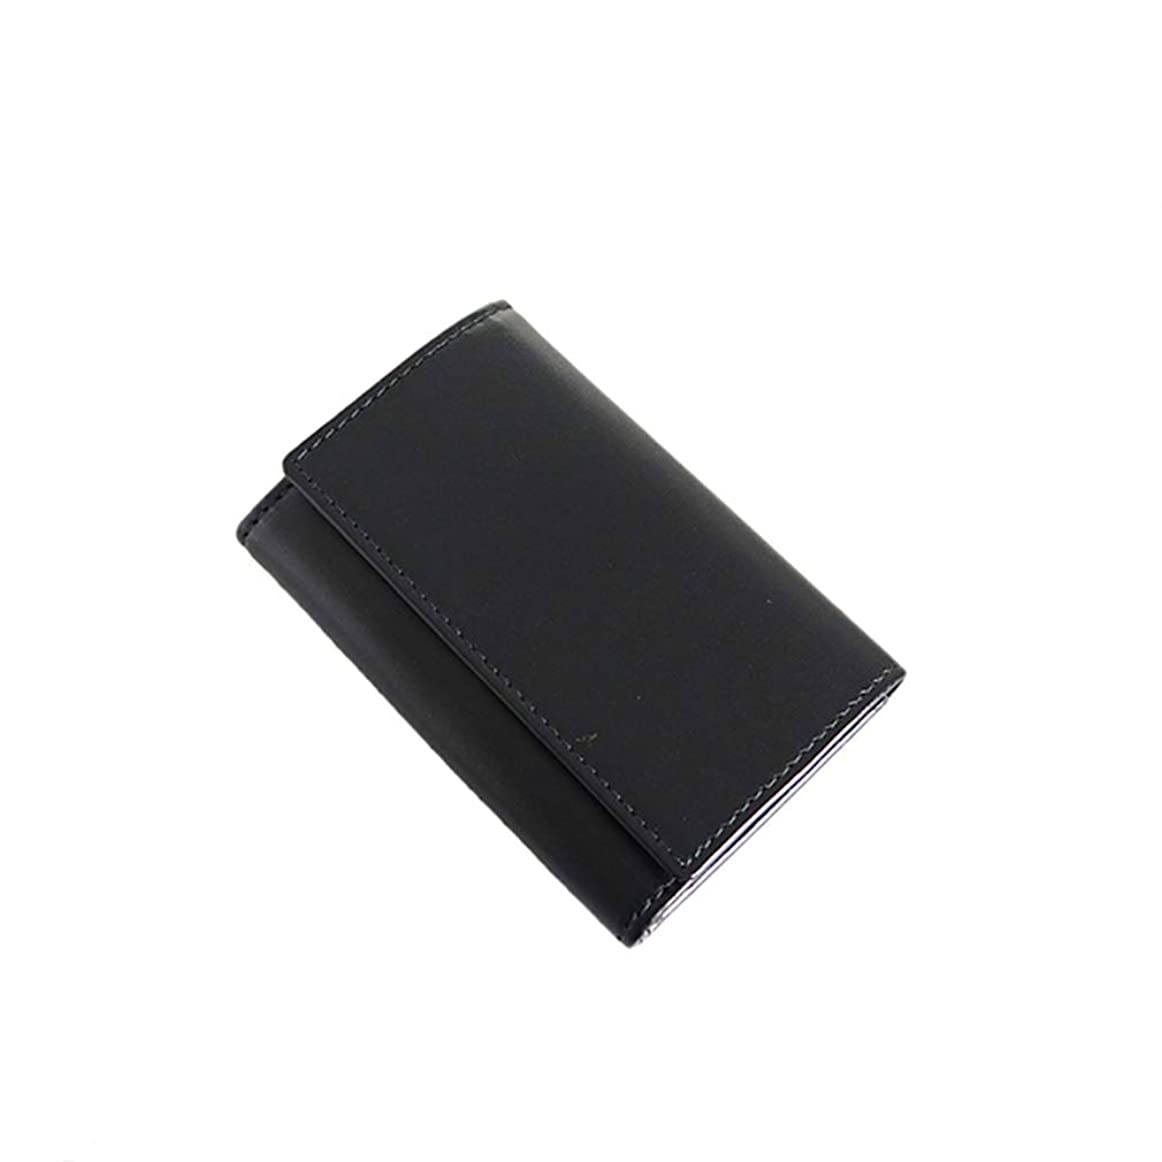 侵略施し明るいエッティンガー ETTINGER ロイヤルコレクション キーケース メンズ ST2095JR-PURPLE ブラック[sw]